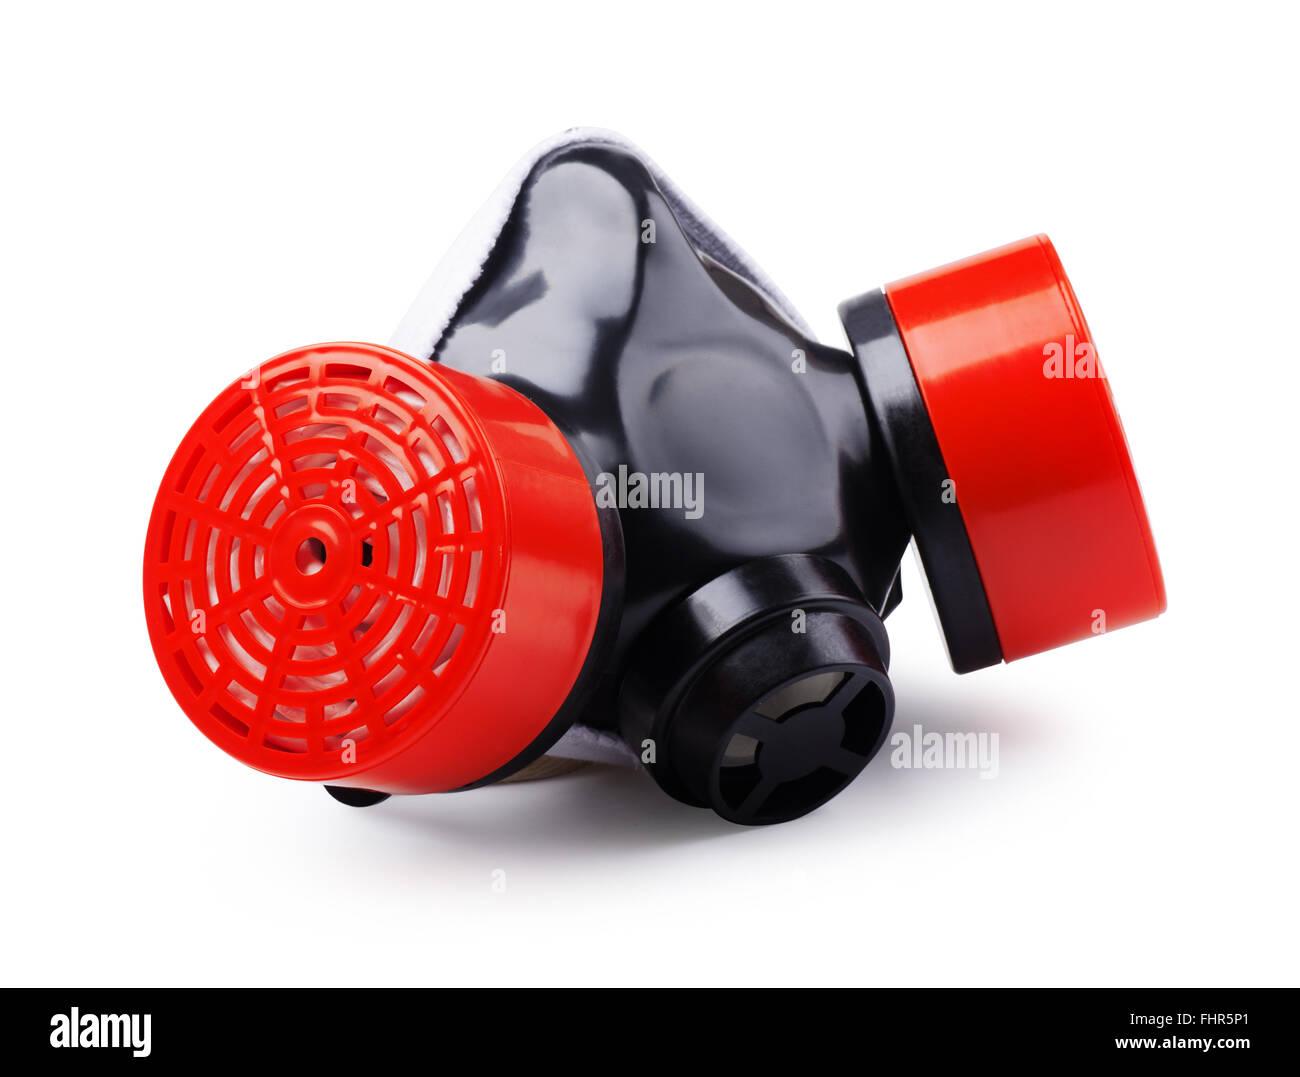 Masque à gaz de protection isolé sur fond blanc Banque D'Images